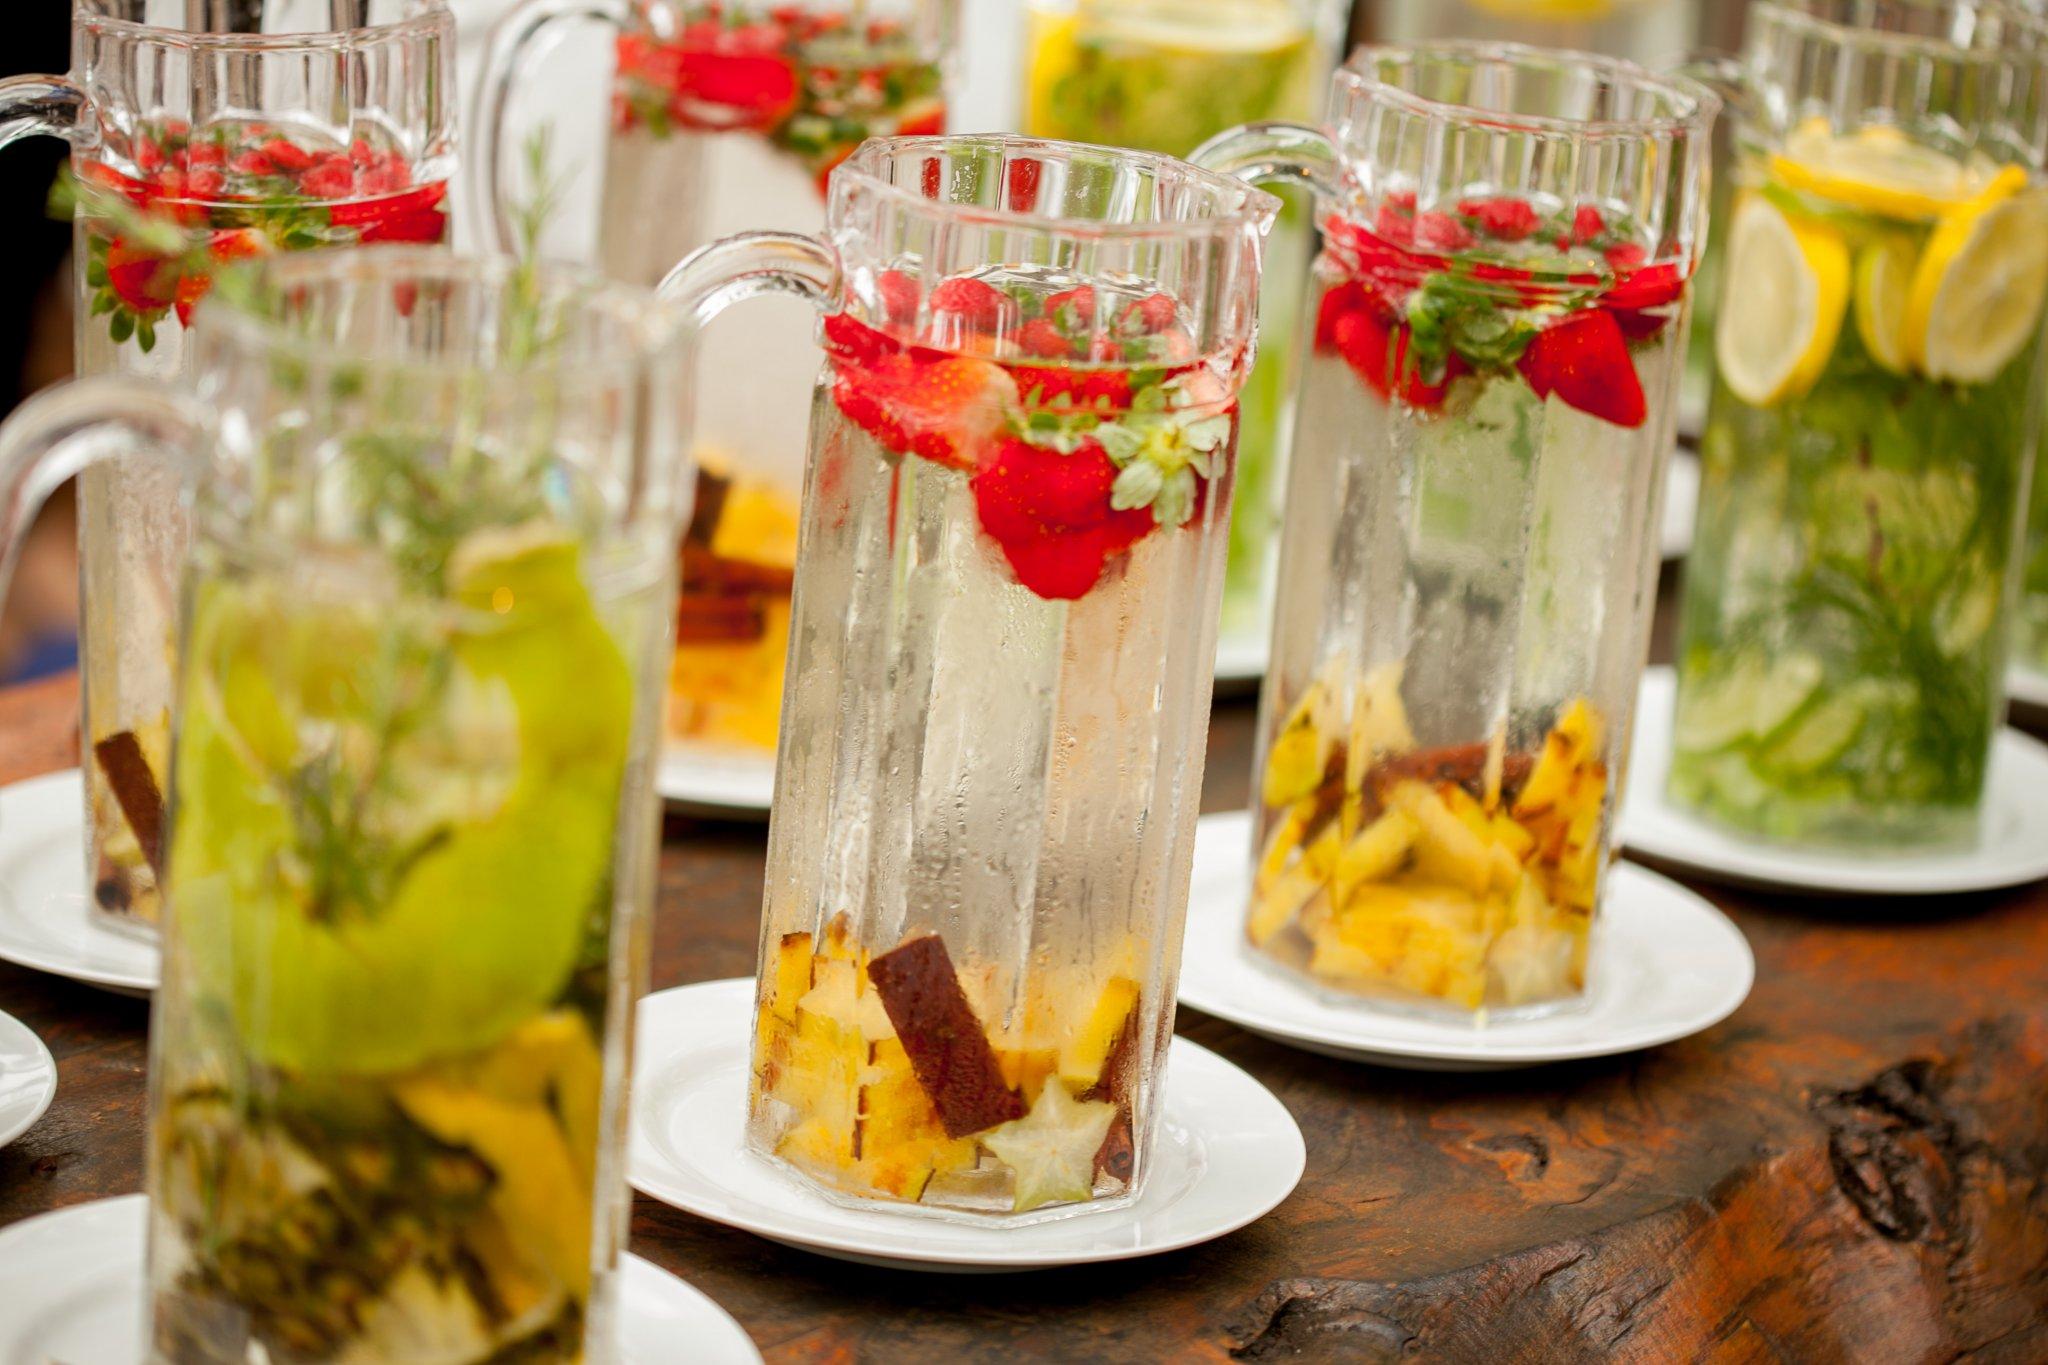 foto LeandroMonteiroFotografia 248 Wedding Experience   Gastronomia de dar água na boca!